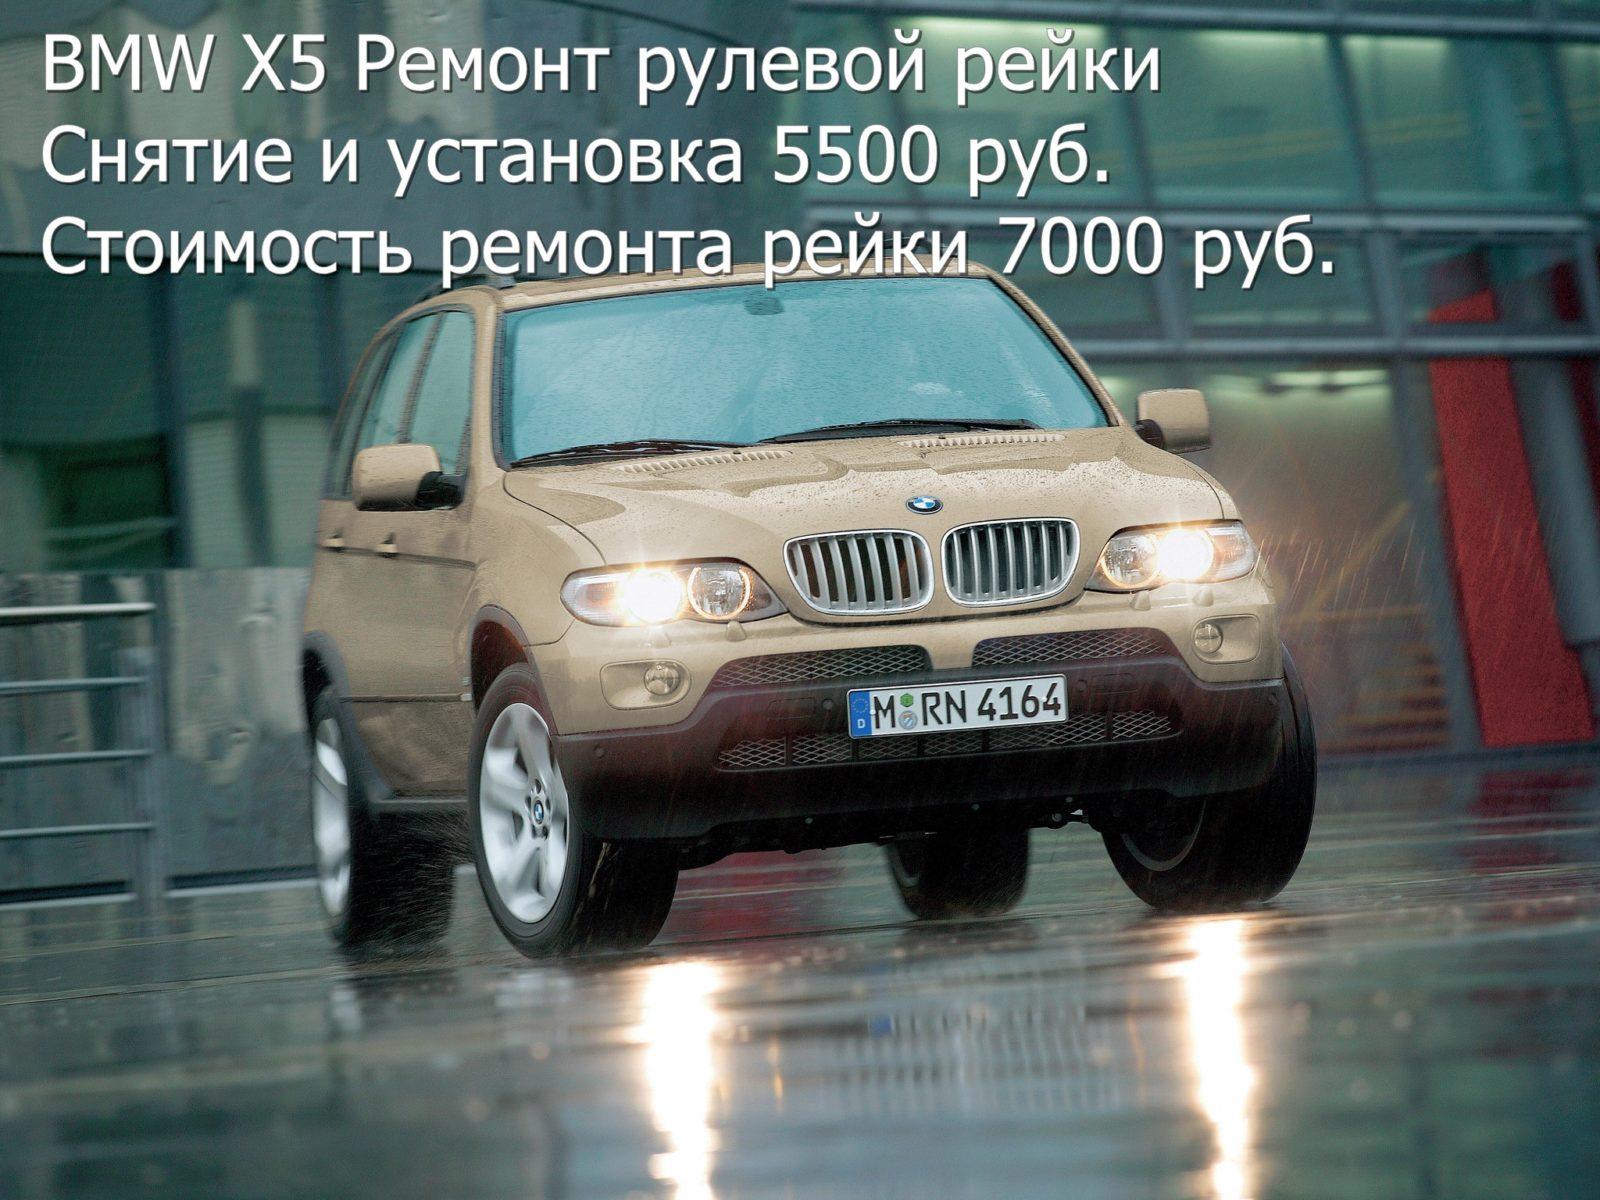 Ремонт рулевых реек BMW X5